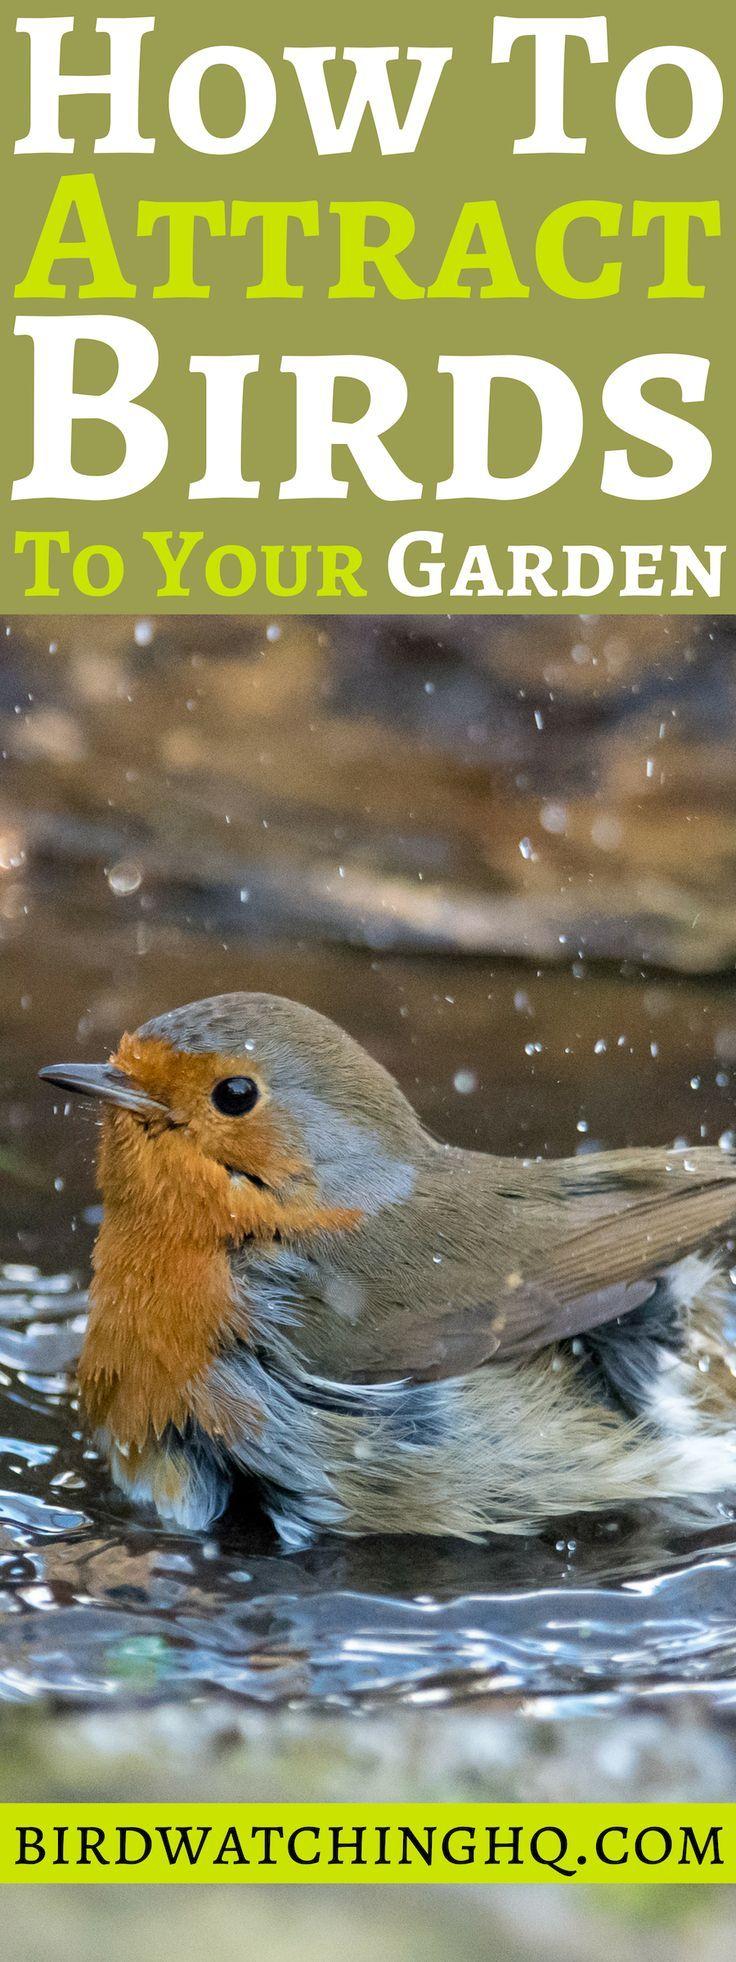 Birds In The Garden: 10 PROVEN Tips to Attract & Deter #backyardoasis